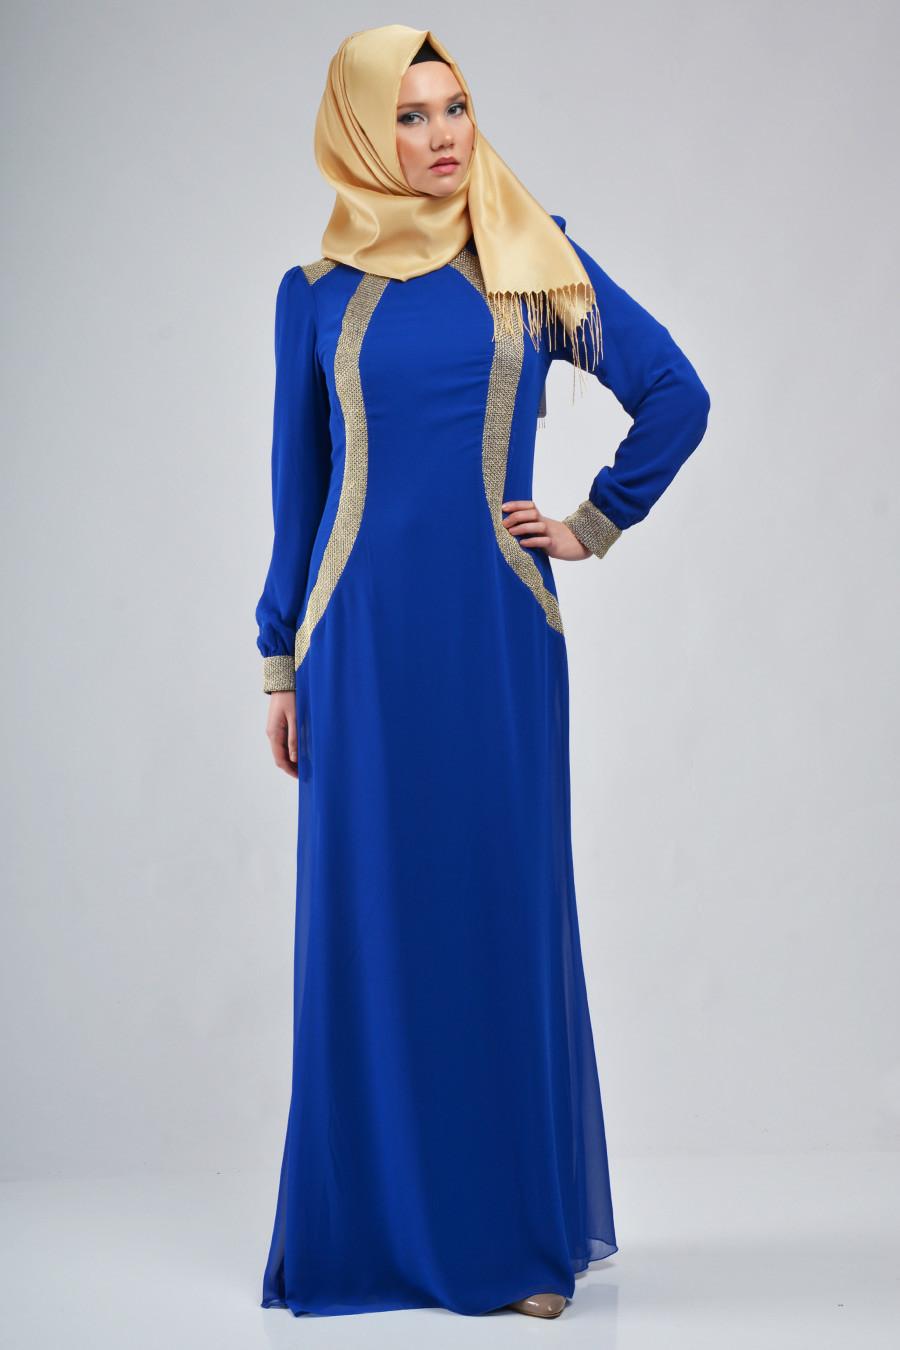 ruyada mavi elbise gormek